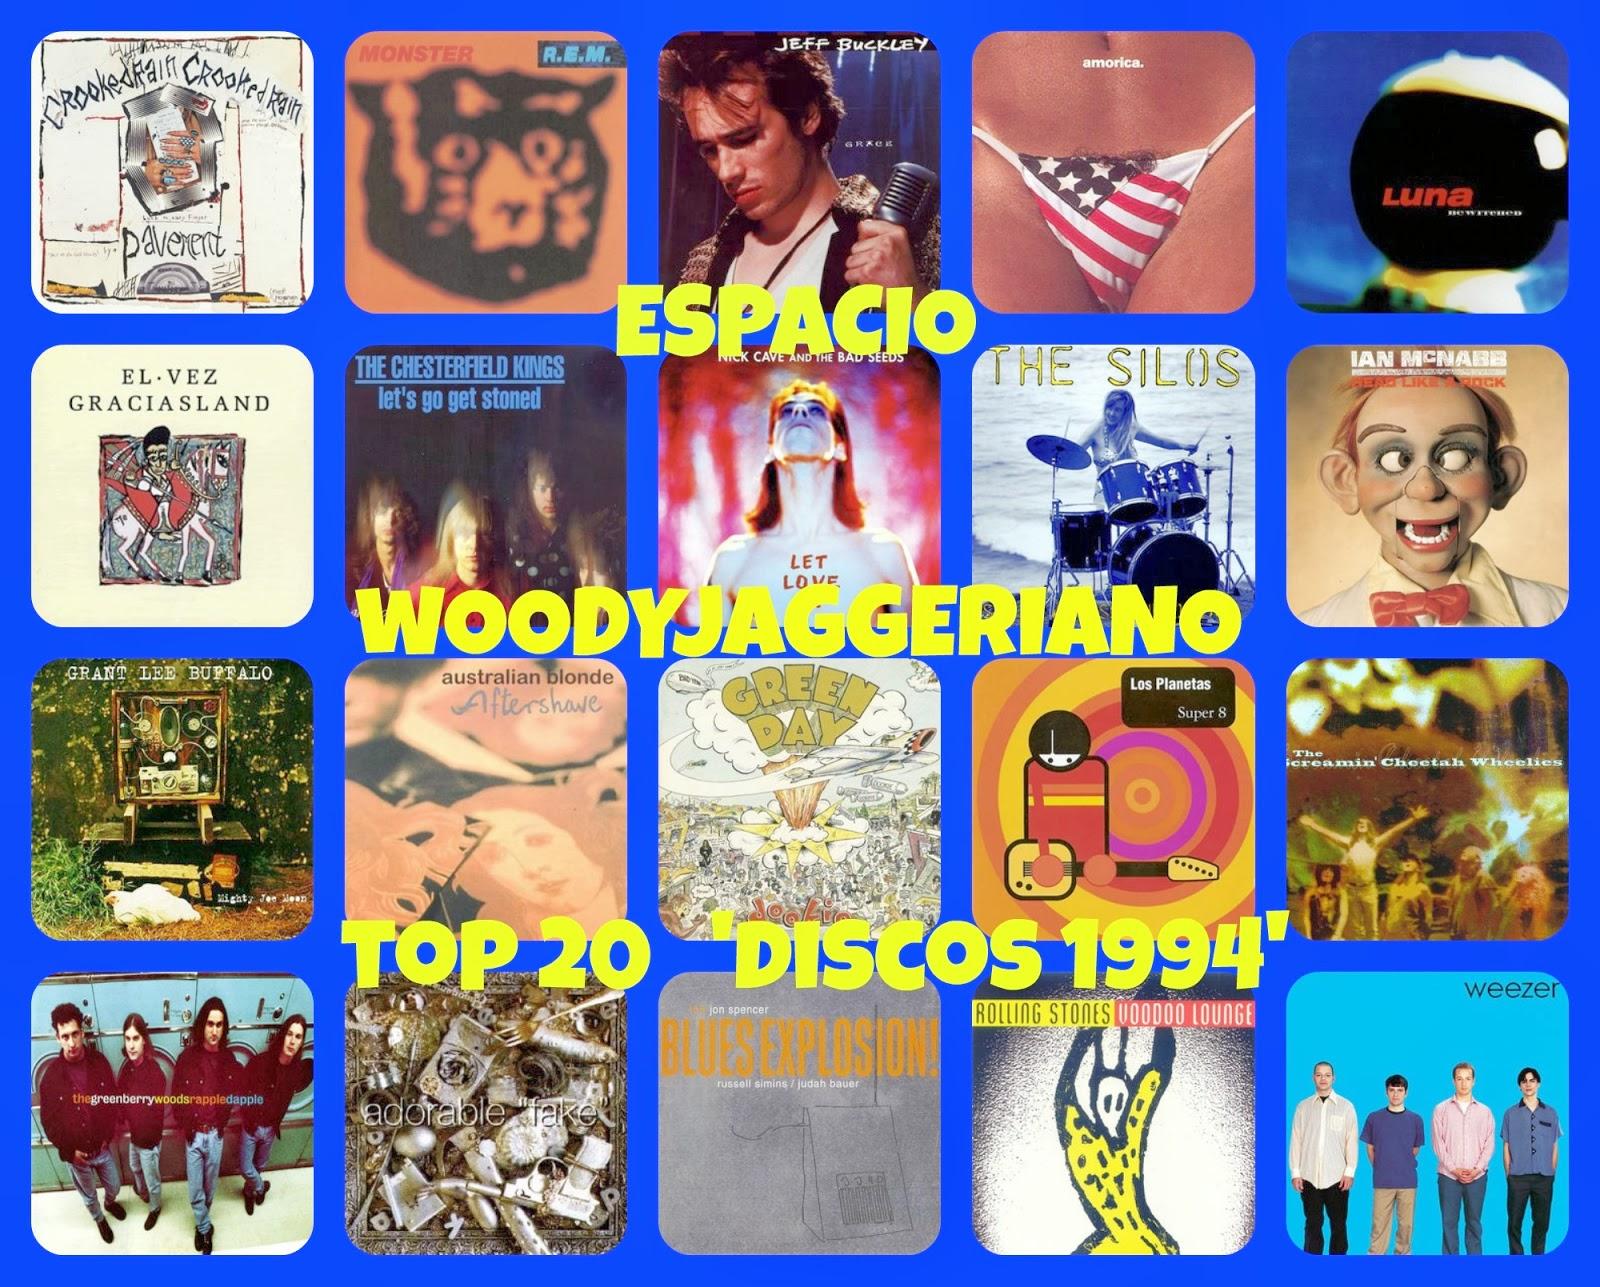 Los mejores discos de 1994